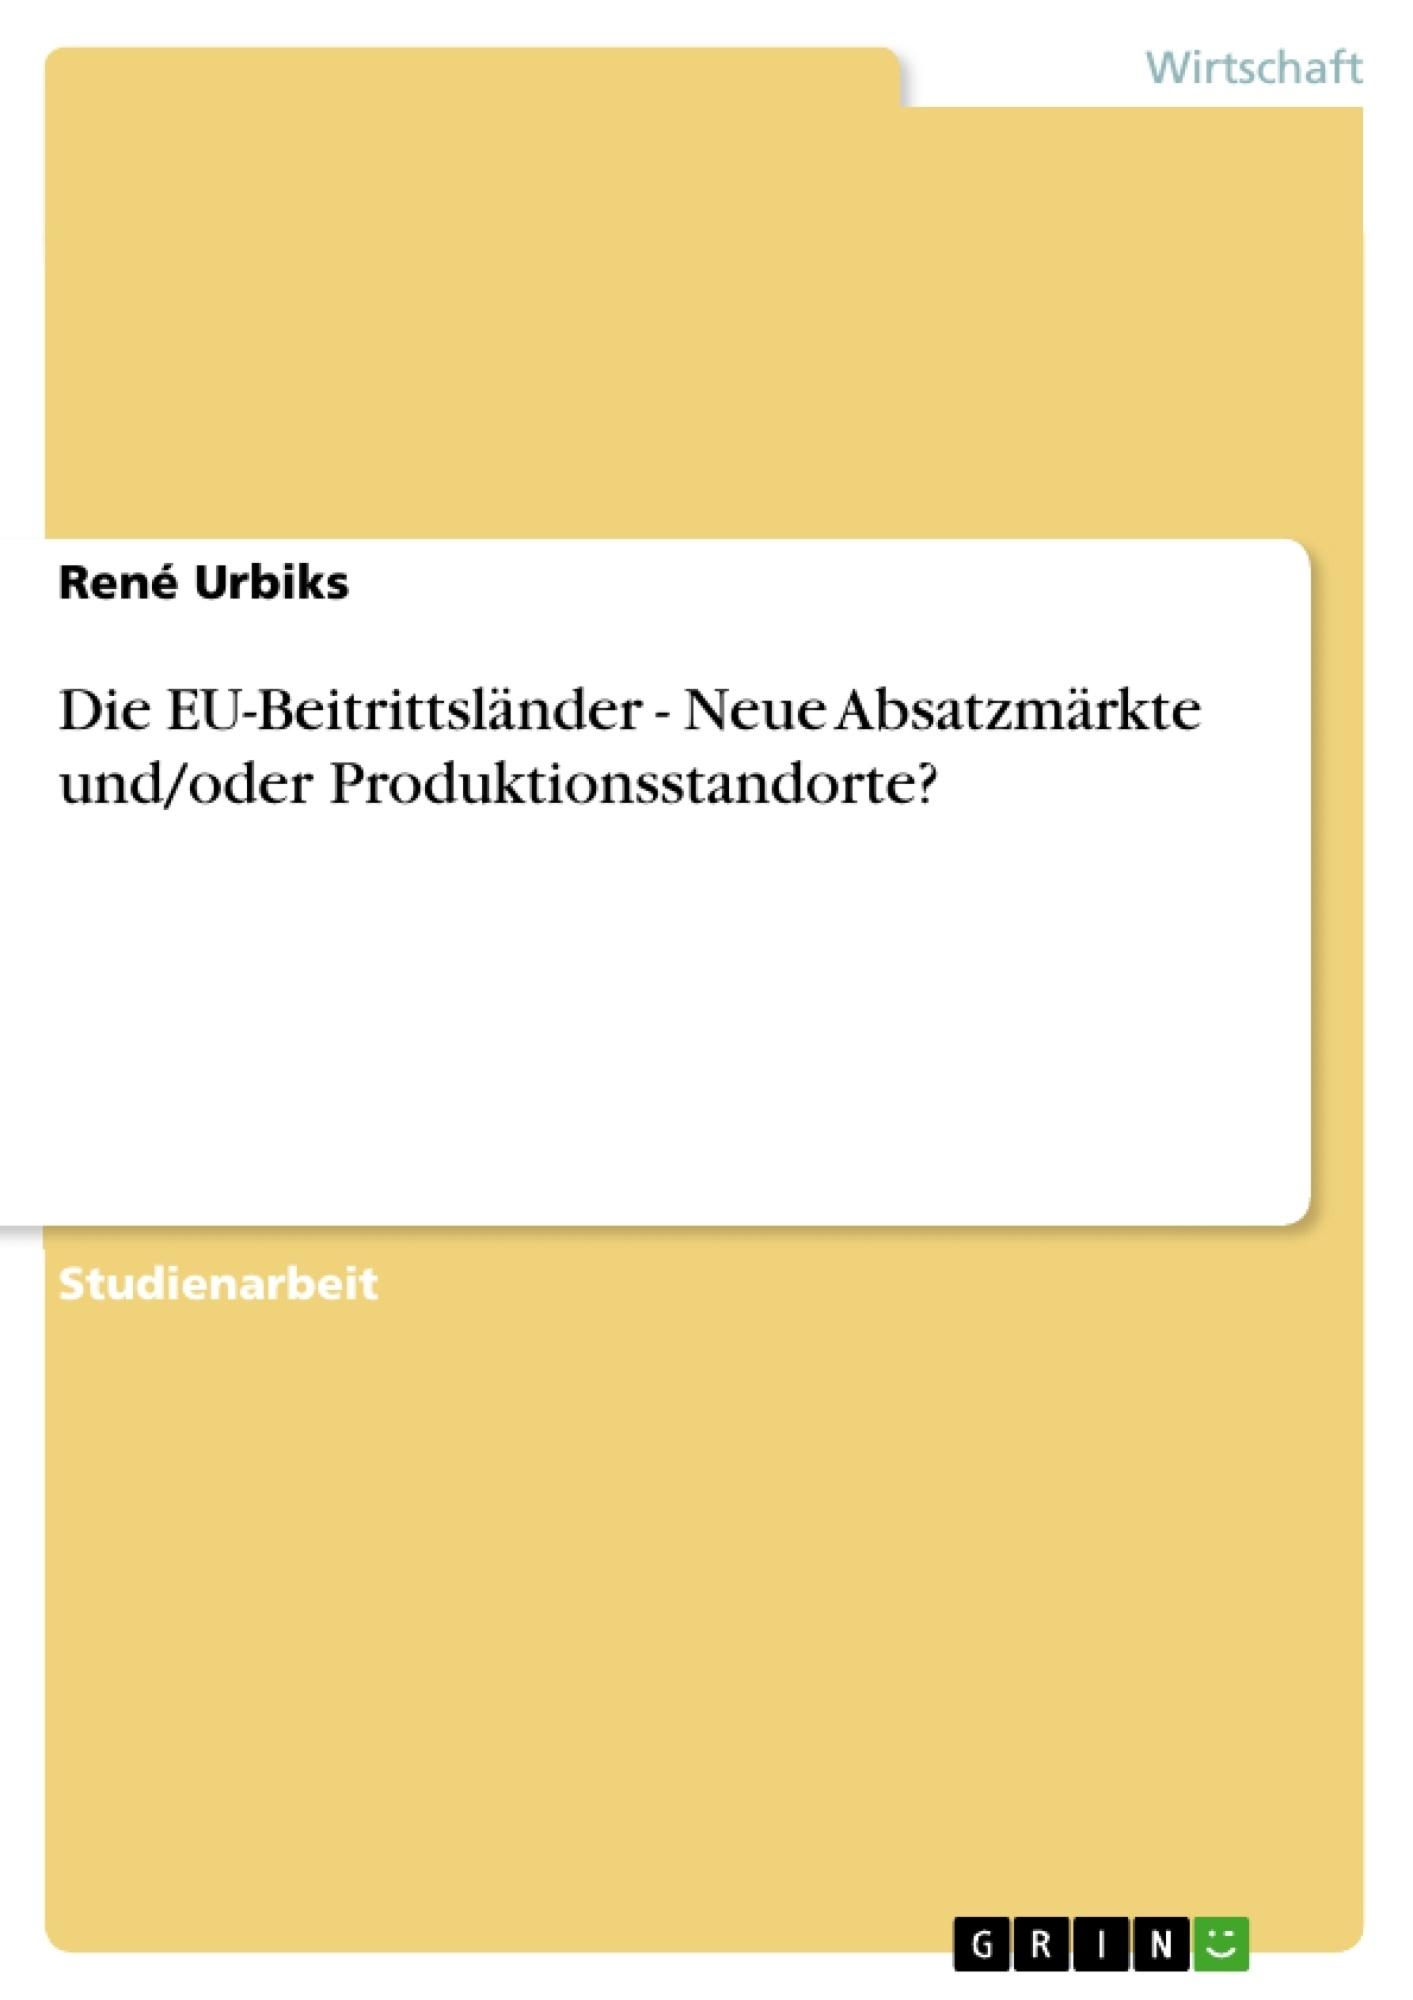 Titel: Die EU-Beitrittsländer - Neue Absatzmärkte und/oder Produktionsstandorte?